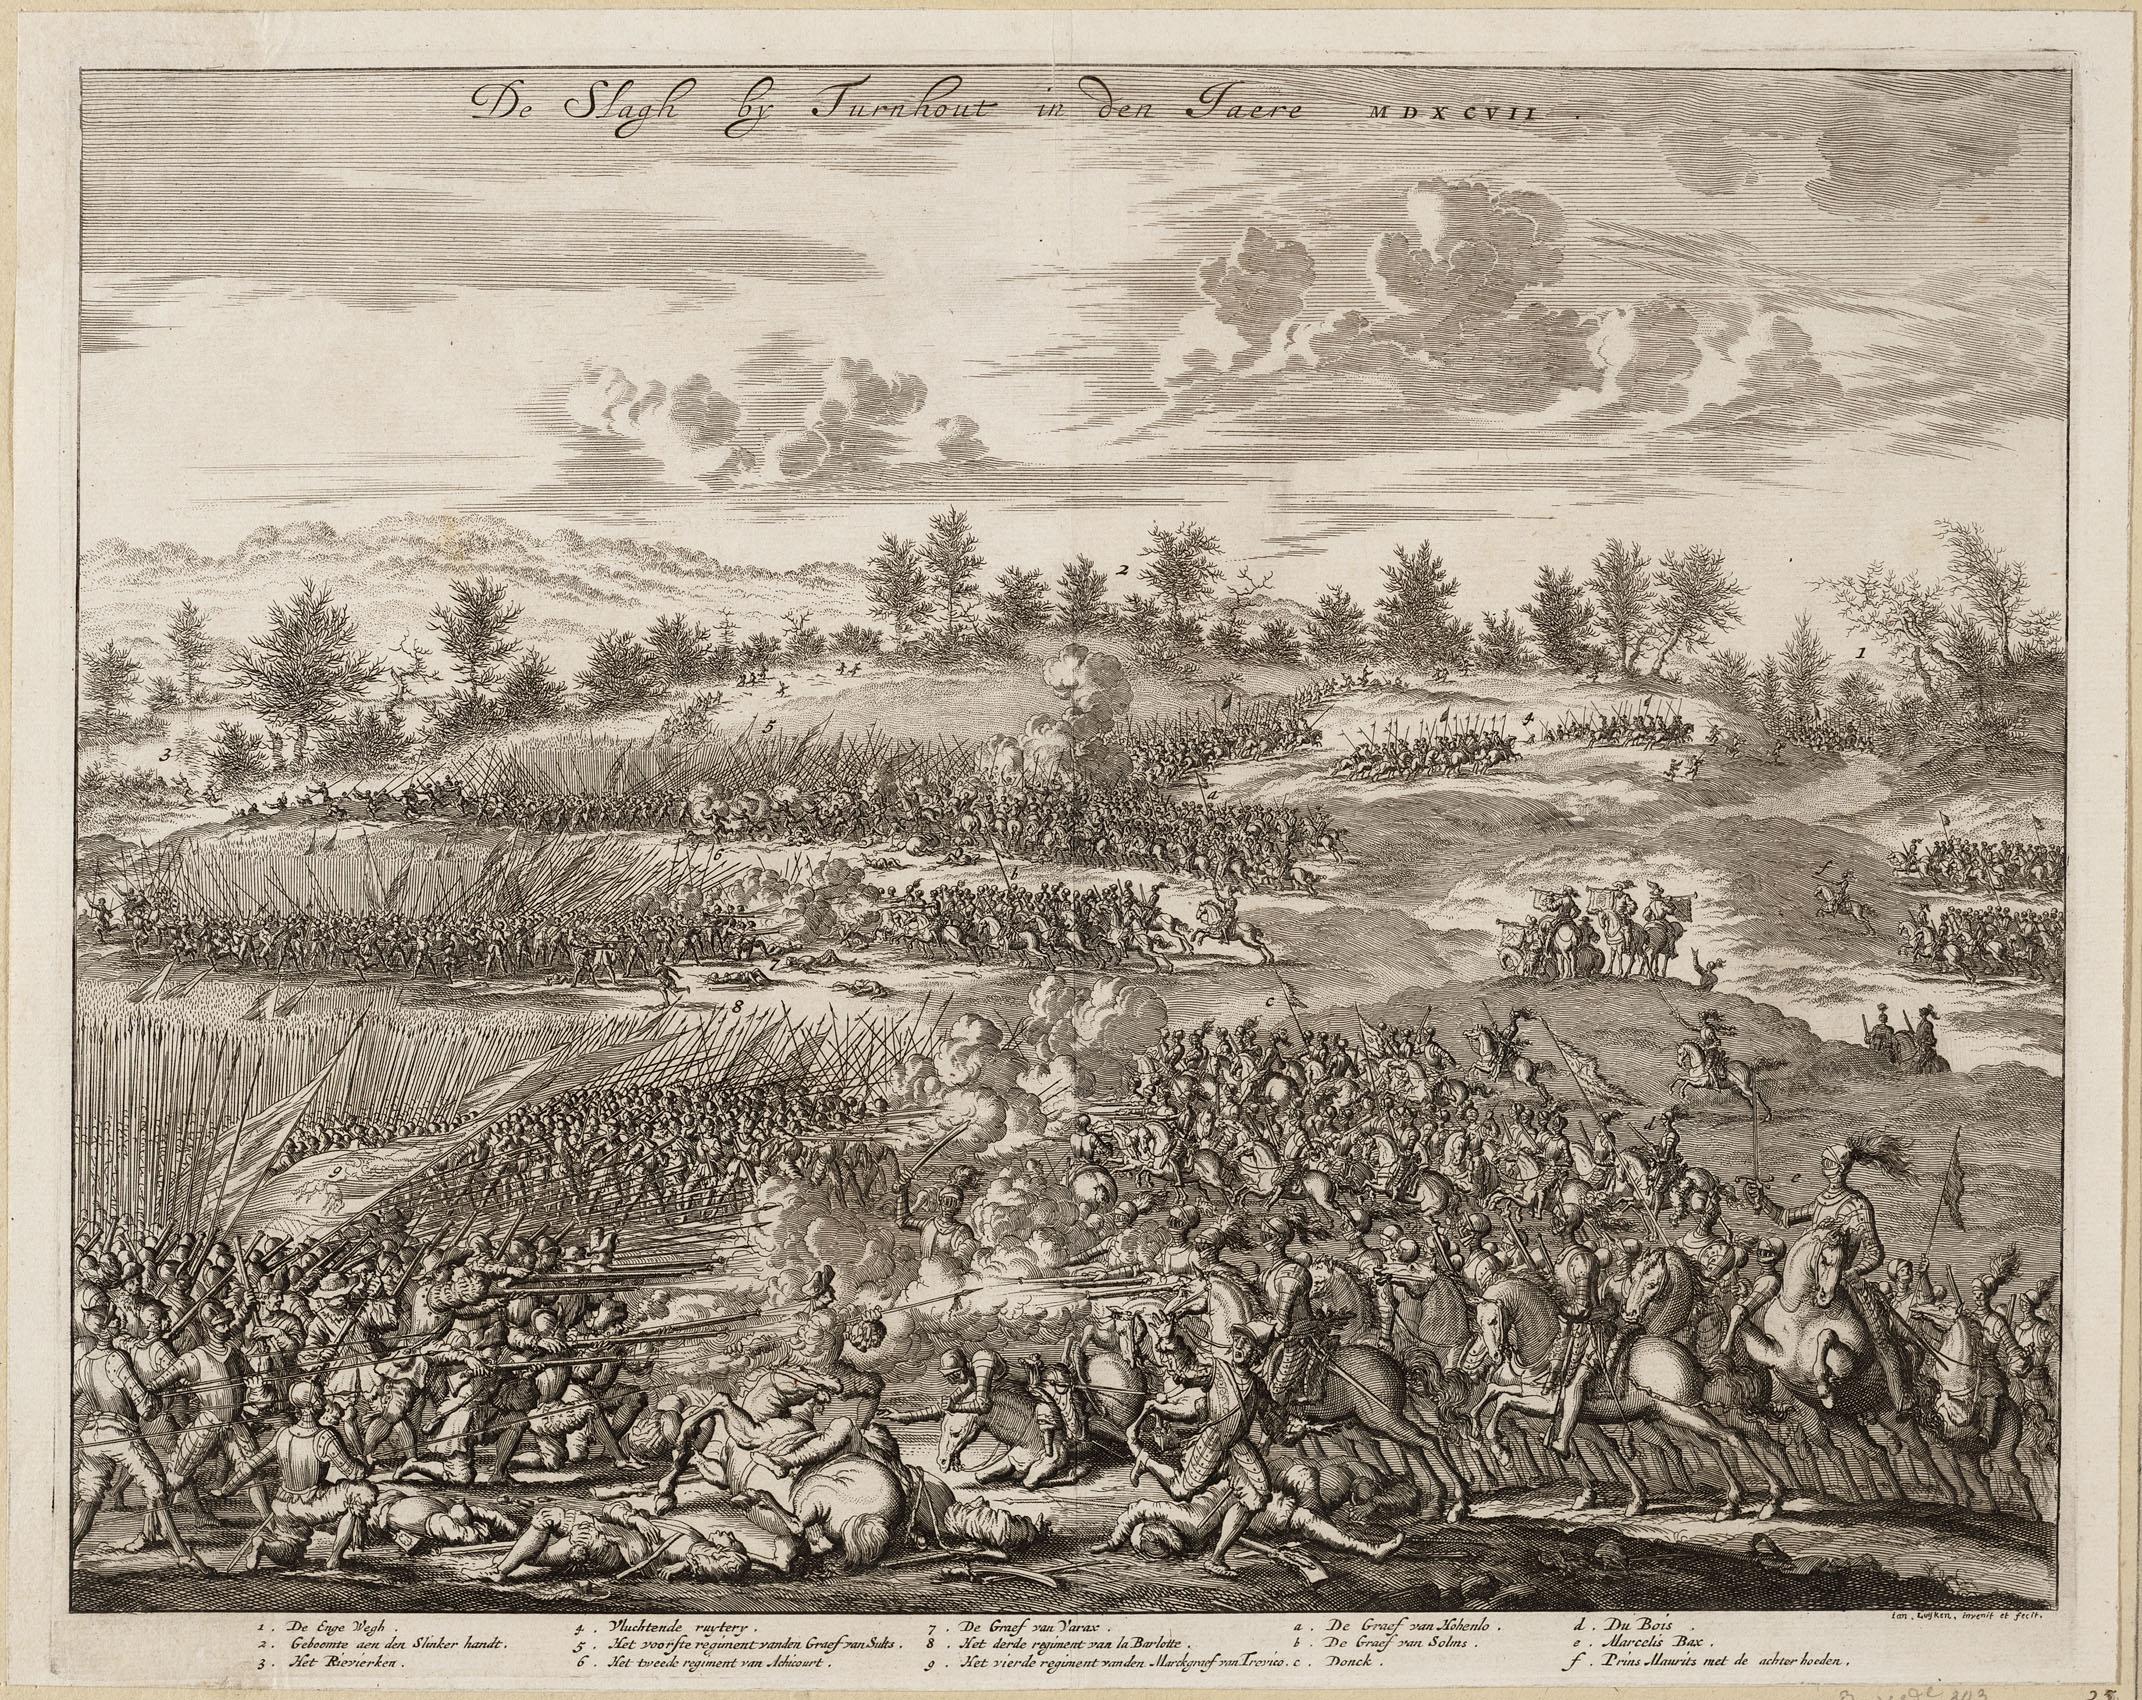 Файл:De slagh bij Turnhout in den jaere MDXCVII - 1597 (Jan Luyken,